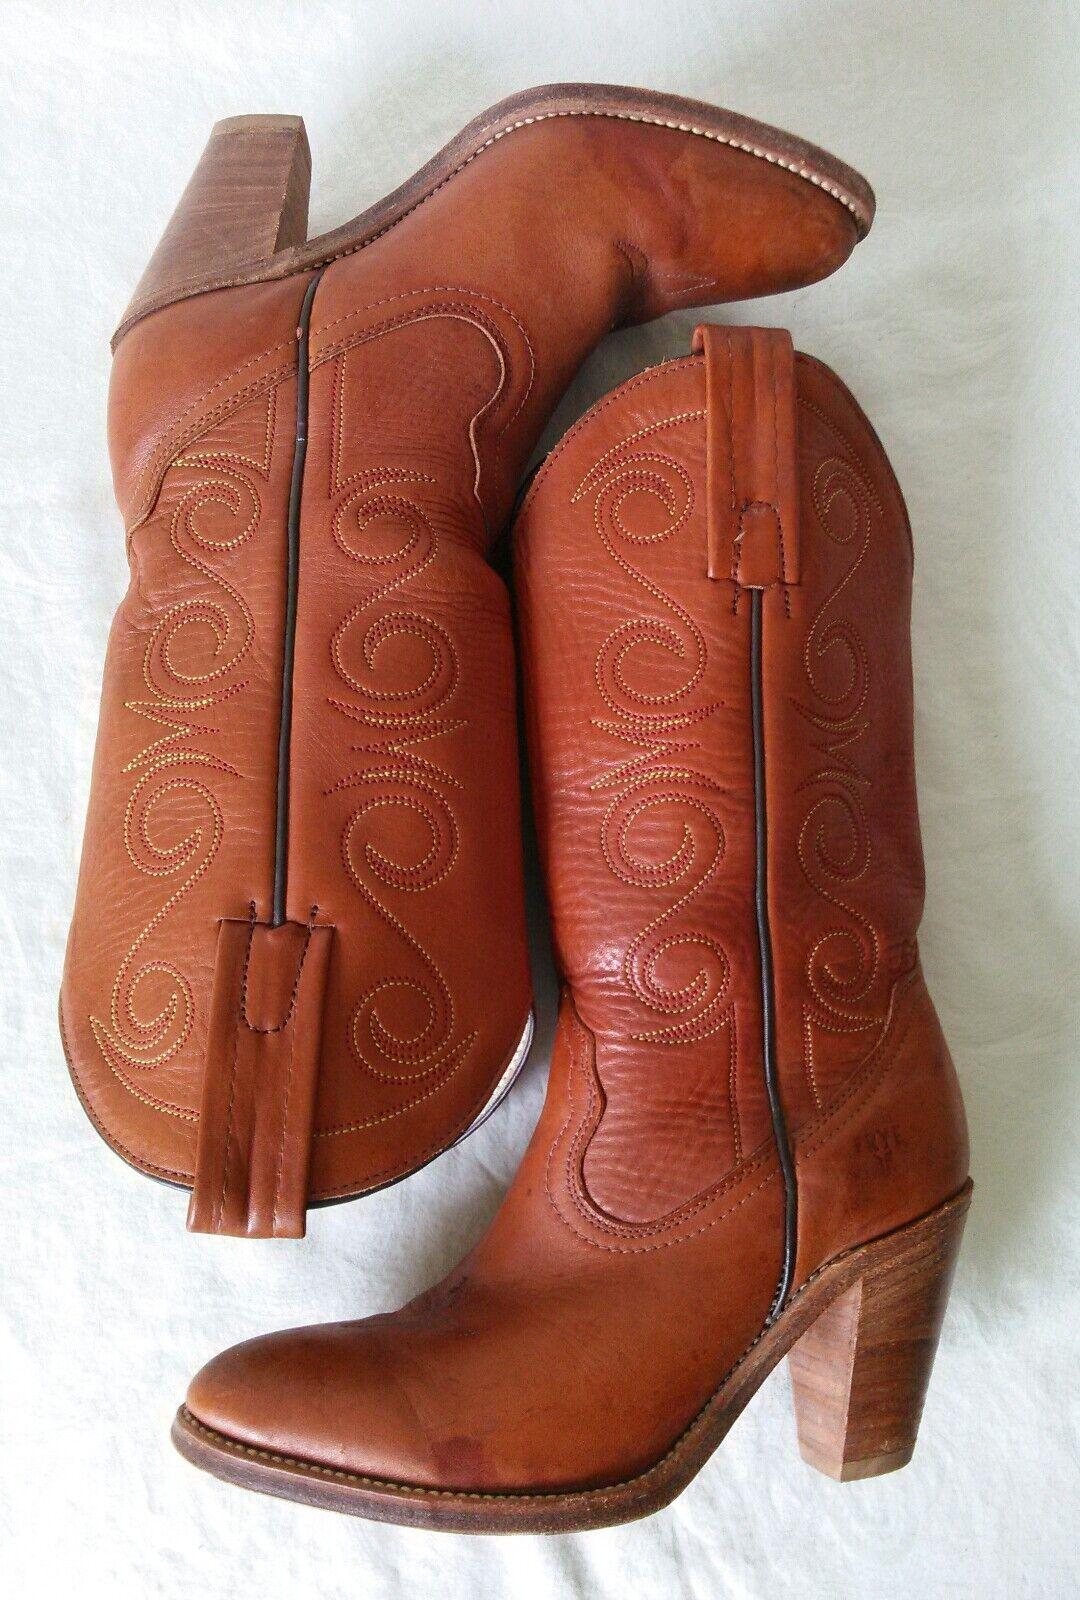 Frye para mujer Occidental marrón cuero tire de fijada talón Occidental mujer botas Talla 6.5 B hechos en EE. UU. 7ea2b1